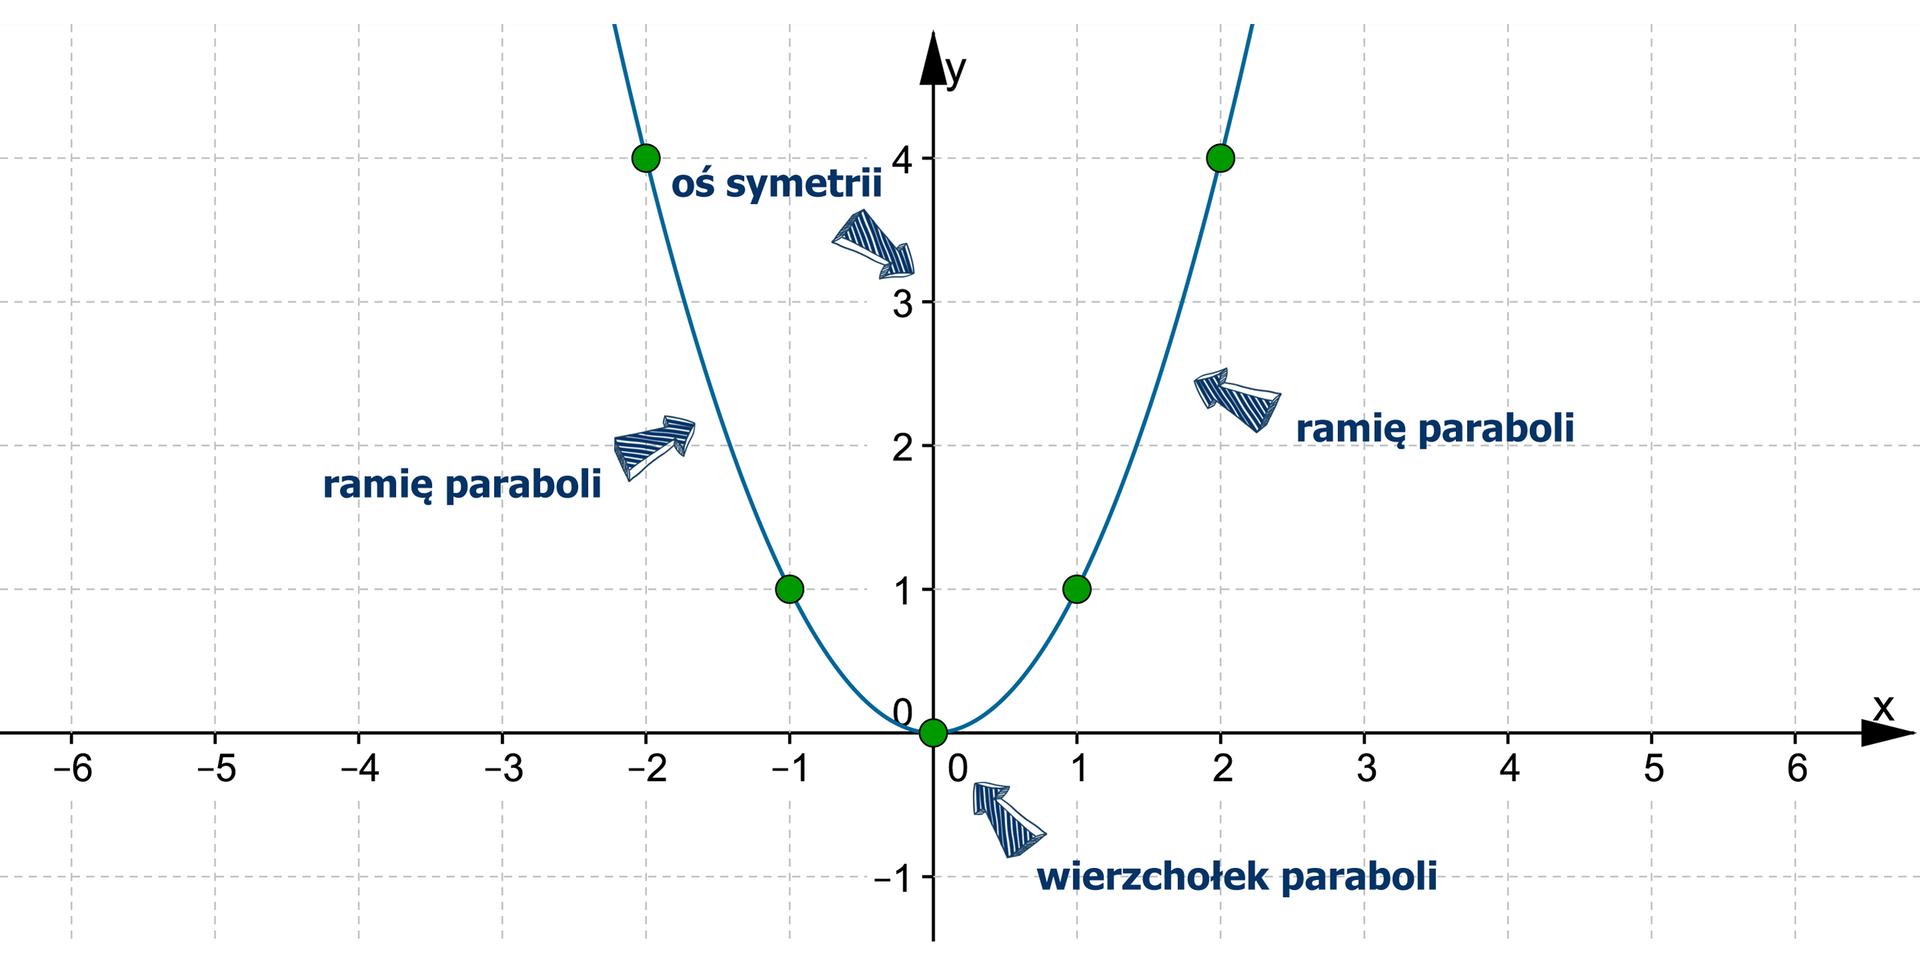 Wykres krzywej y= xdo potęgi drugiej, zwanej parabolą, leżącej wpierwszej idrugiej ćwiartce układu współrzędnych. Oznaczone są ramiona, wierzchołek ioś symetrii paraboli. Ramiona paraboli są symetryczne względem osi OY.